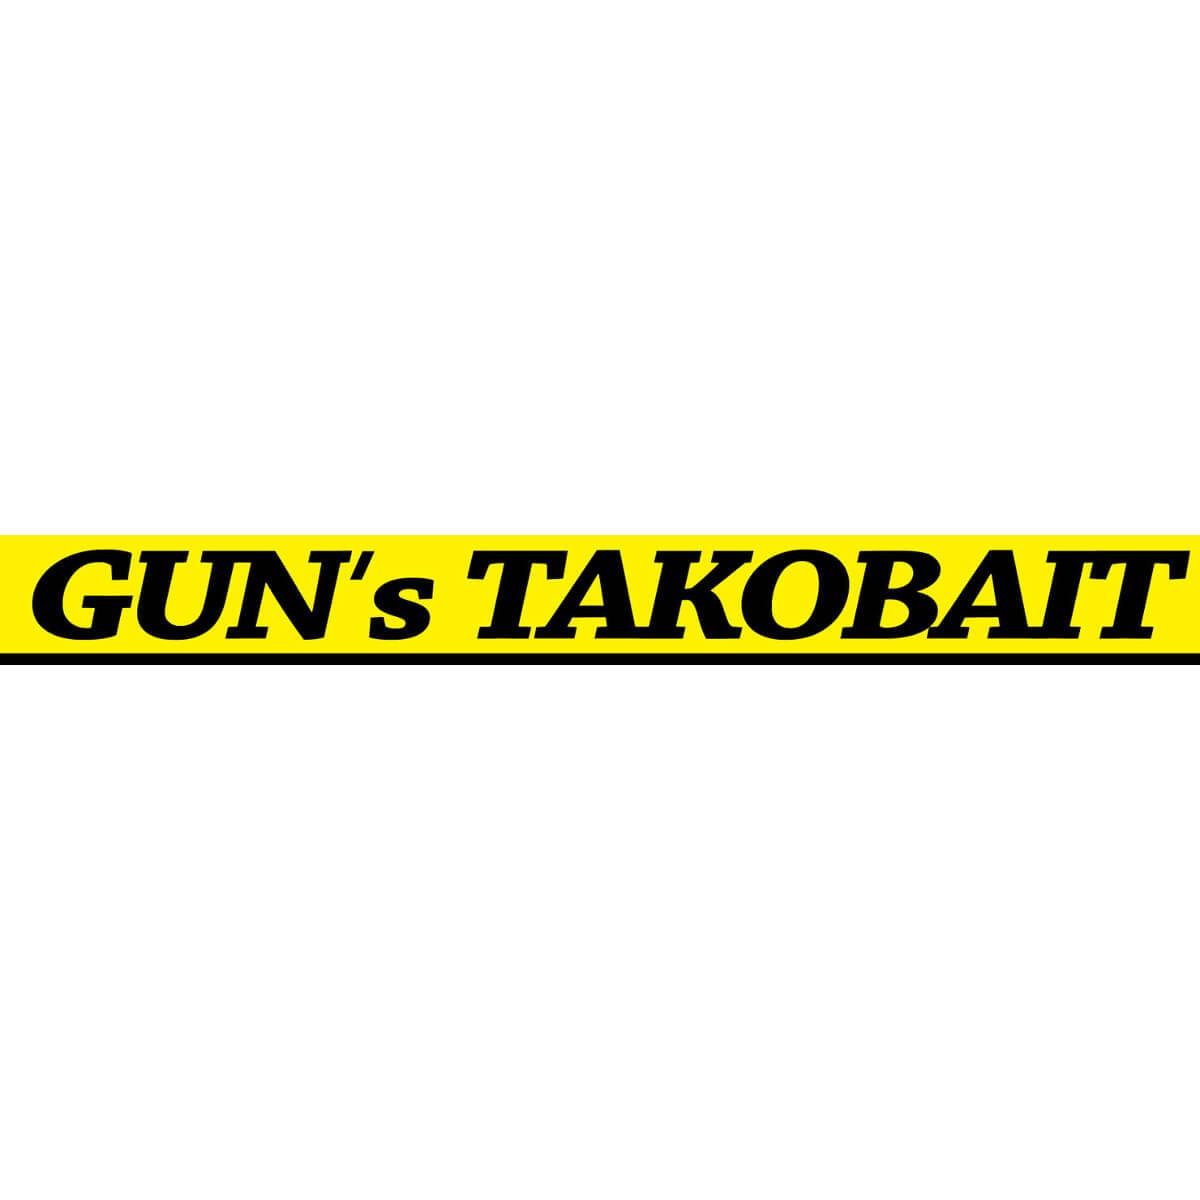 GUNS TAKOBAIT